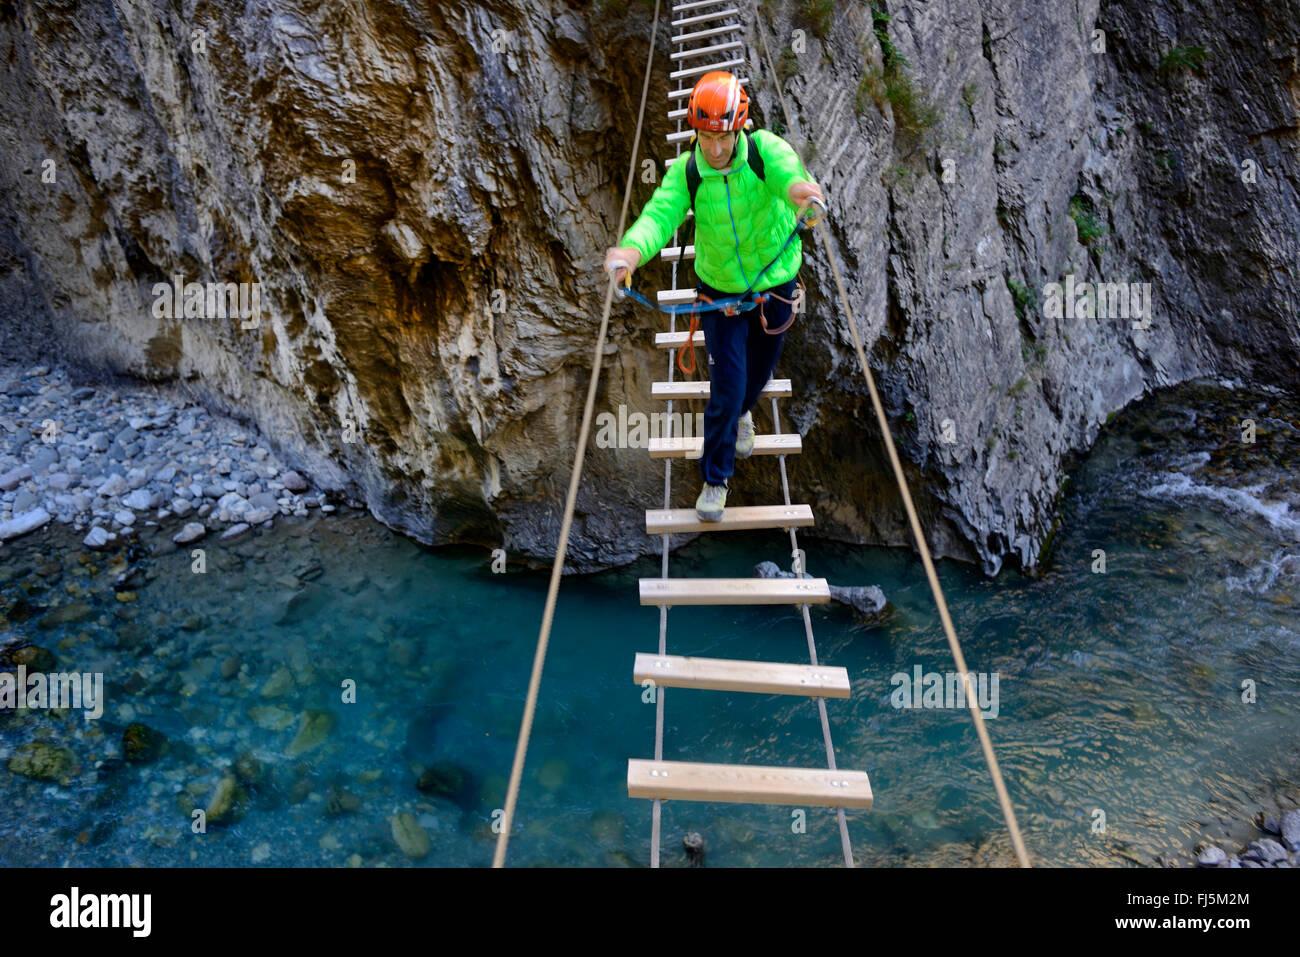 Klettersteig Chateau Queyras : Kletterer die Überquerung der schlucht auf einer hängebrücke